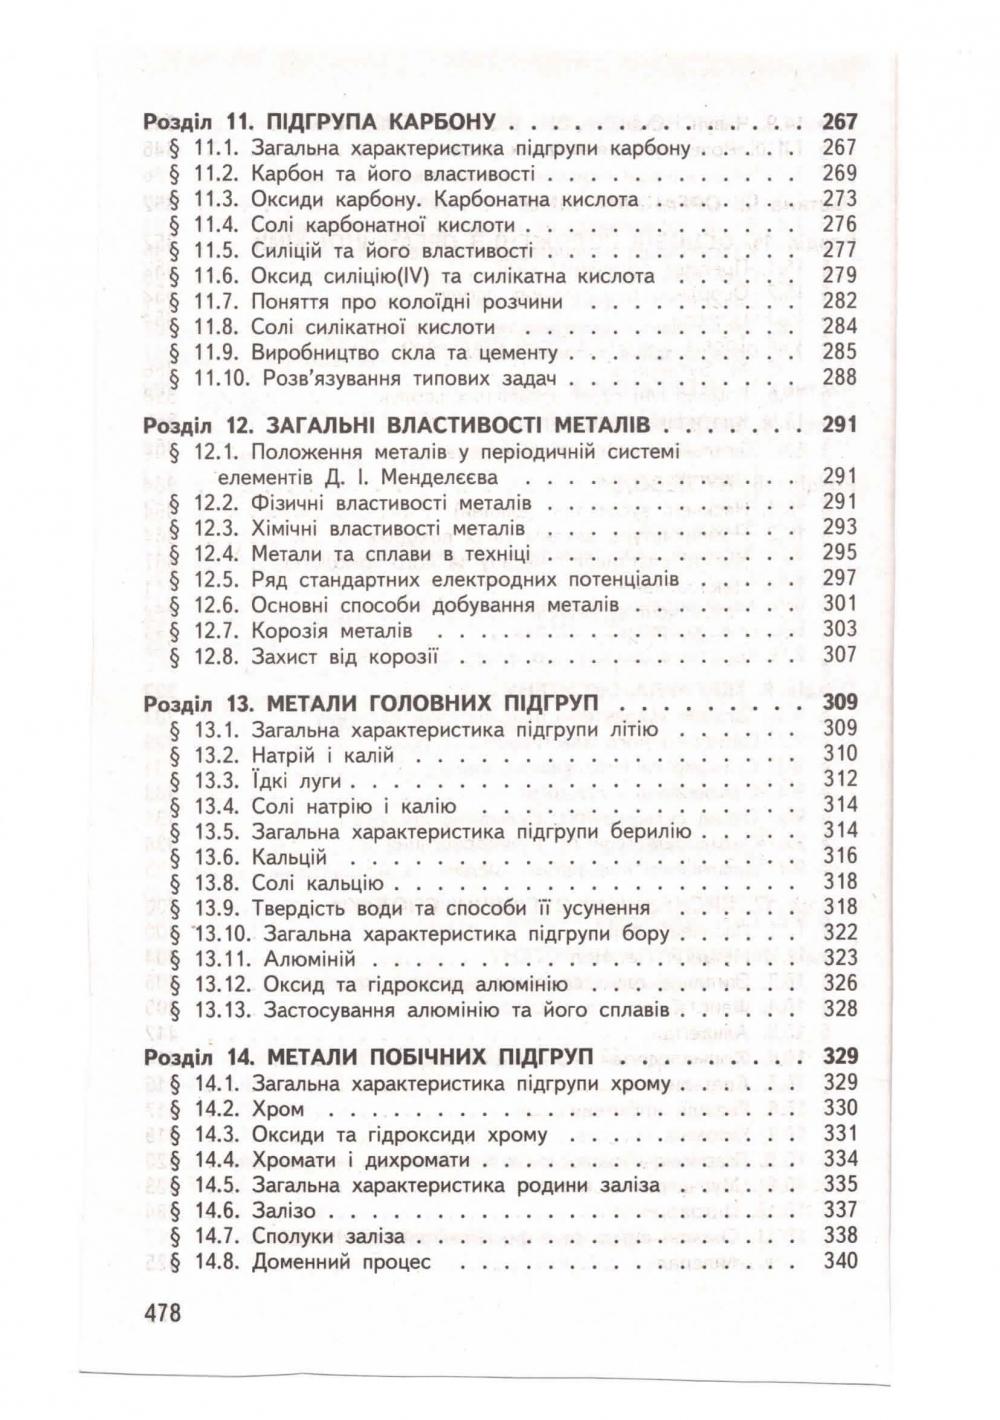 Посібник з хімії для вступників. Хомченко Г.  Вид-во: Арій. купити 12